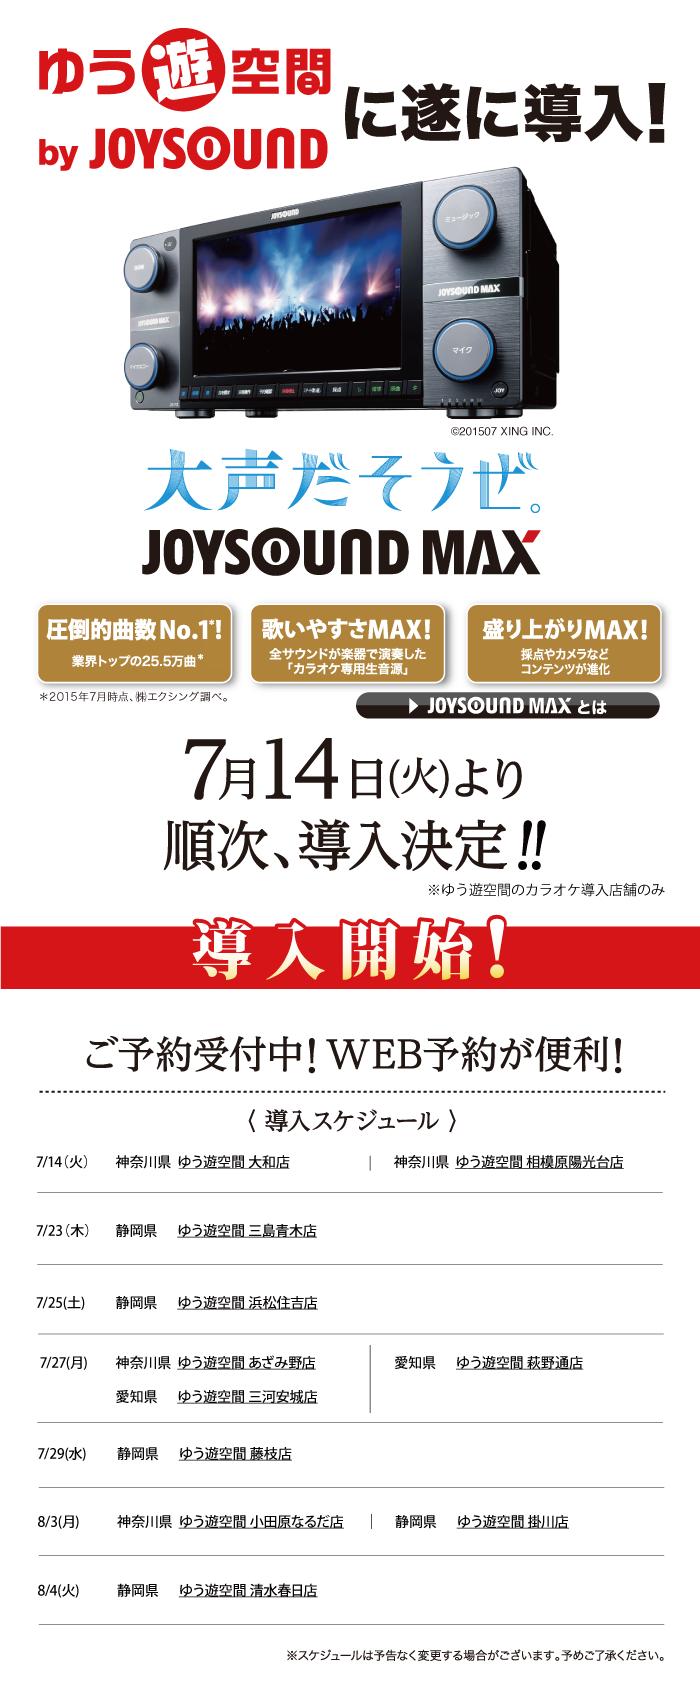 JOYSOUND MAX導入スケジュール